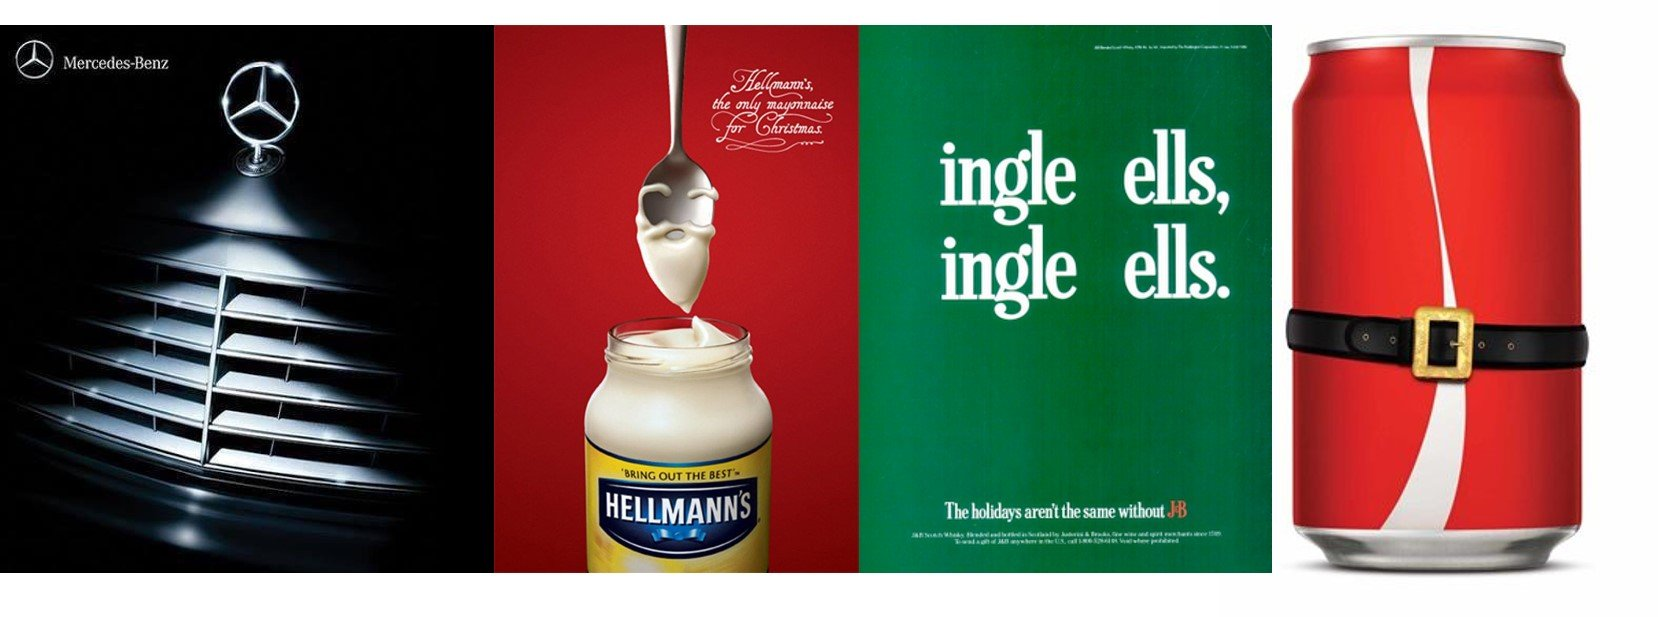 The Christmas Brand